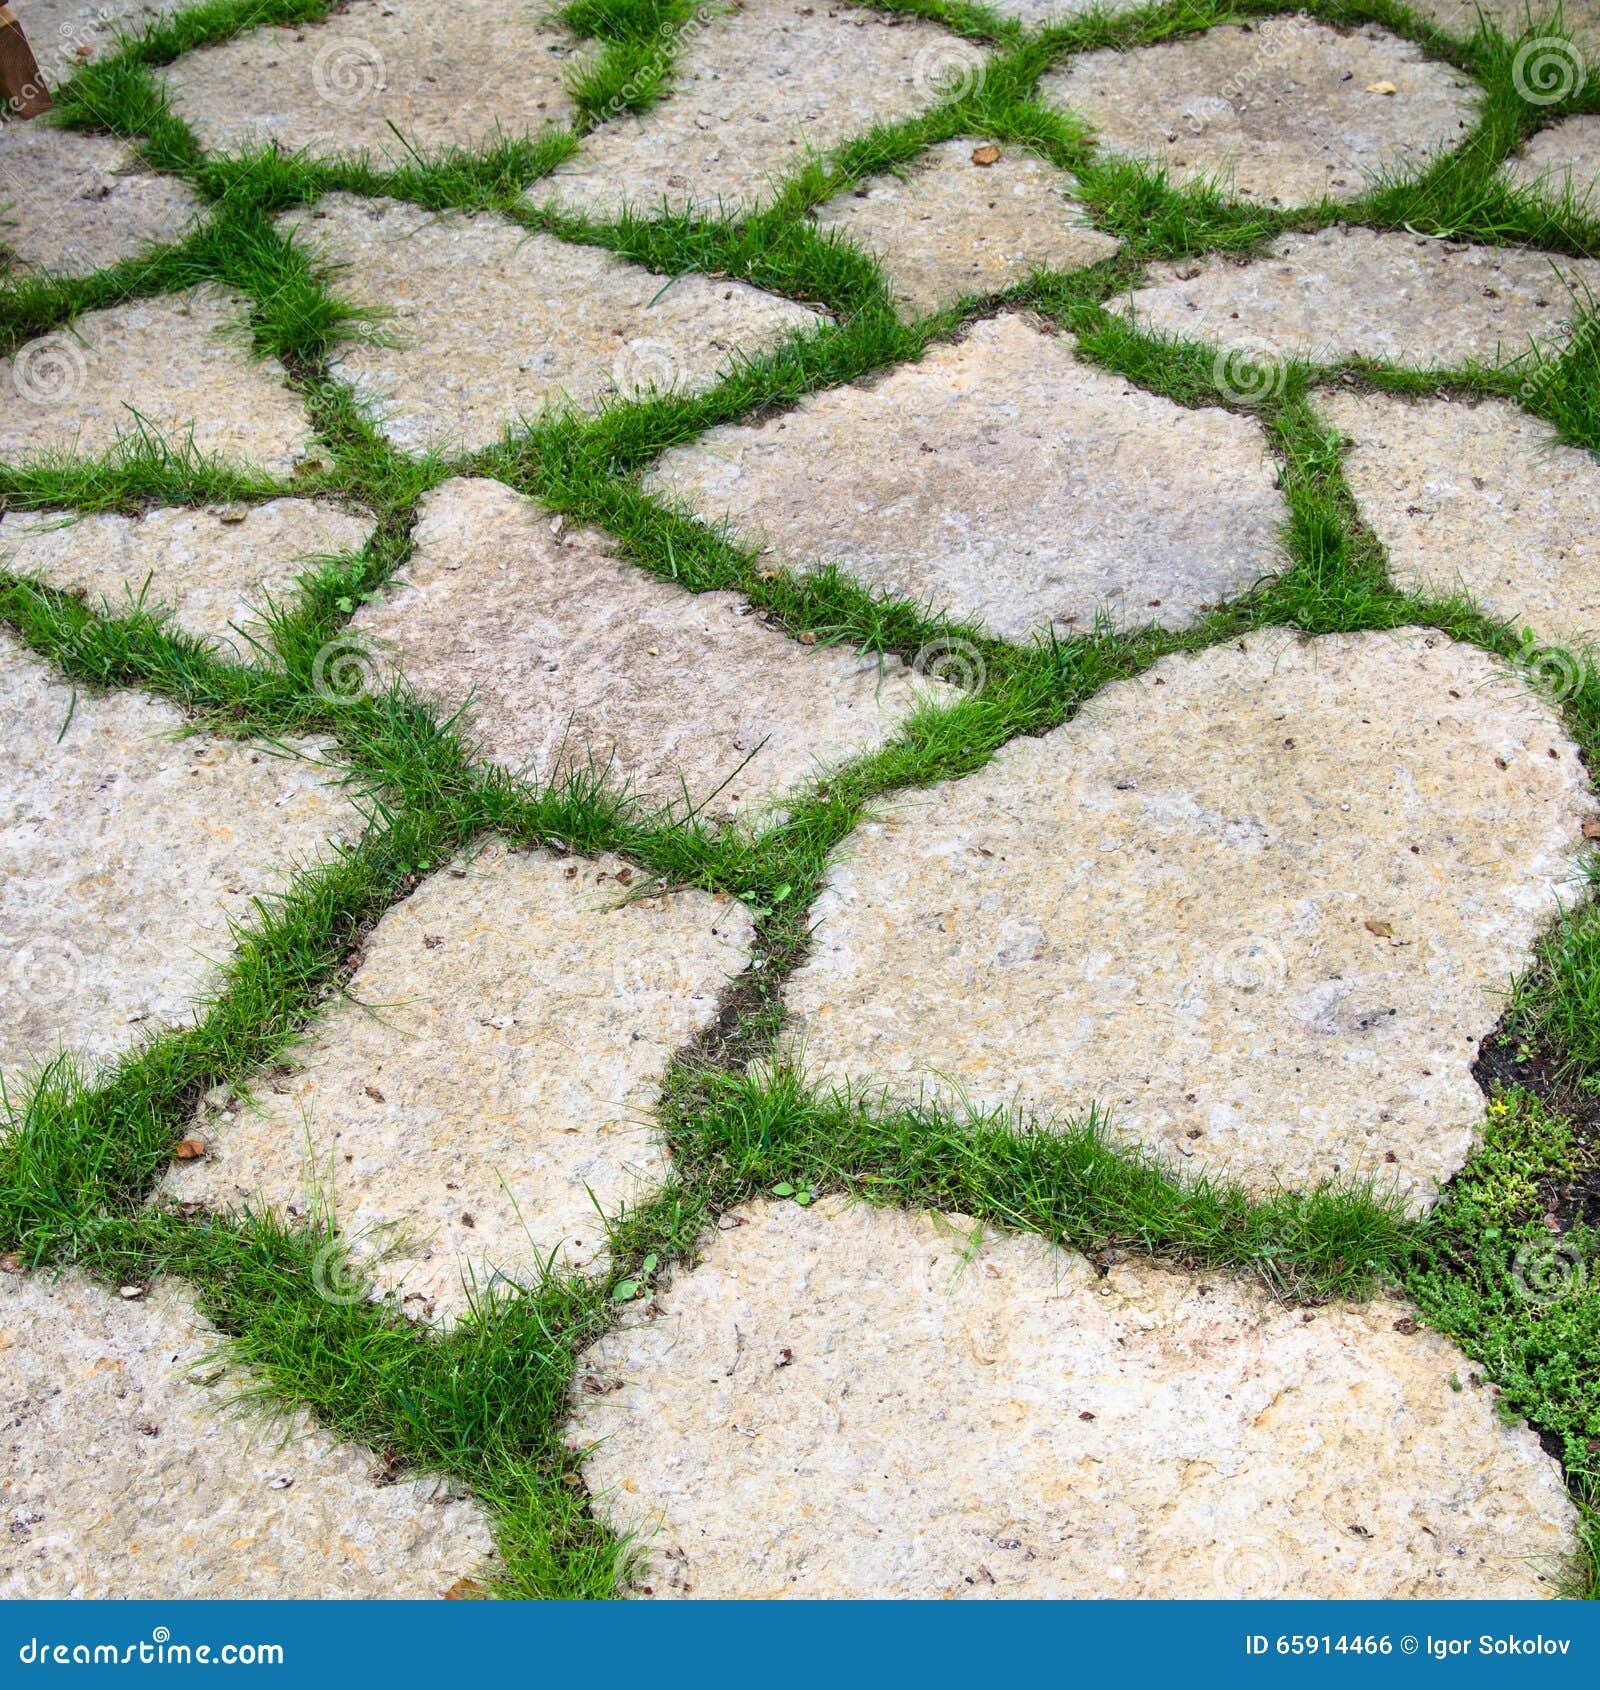 Losetas jardin isokit verde ccrculos de madera para - Losetas para jardin ...